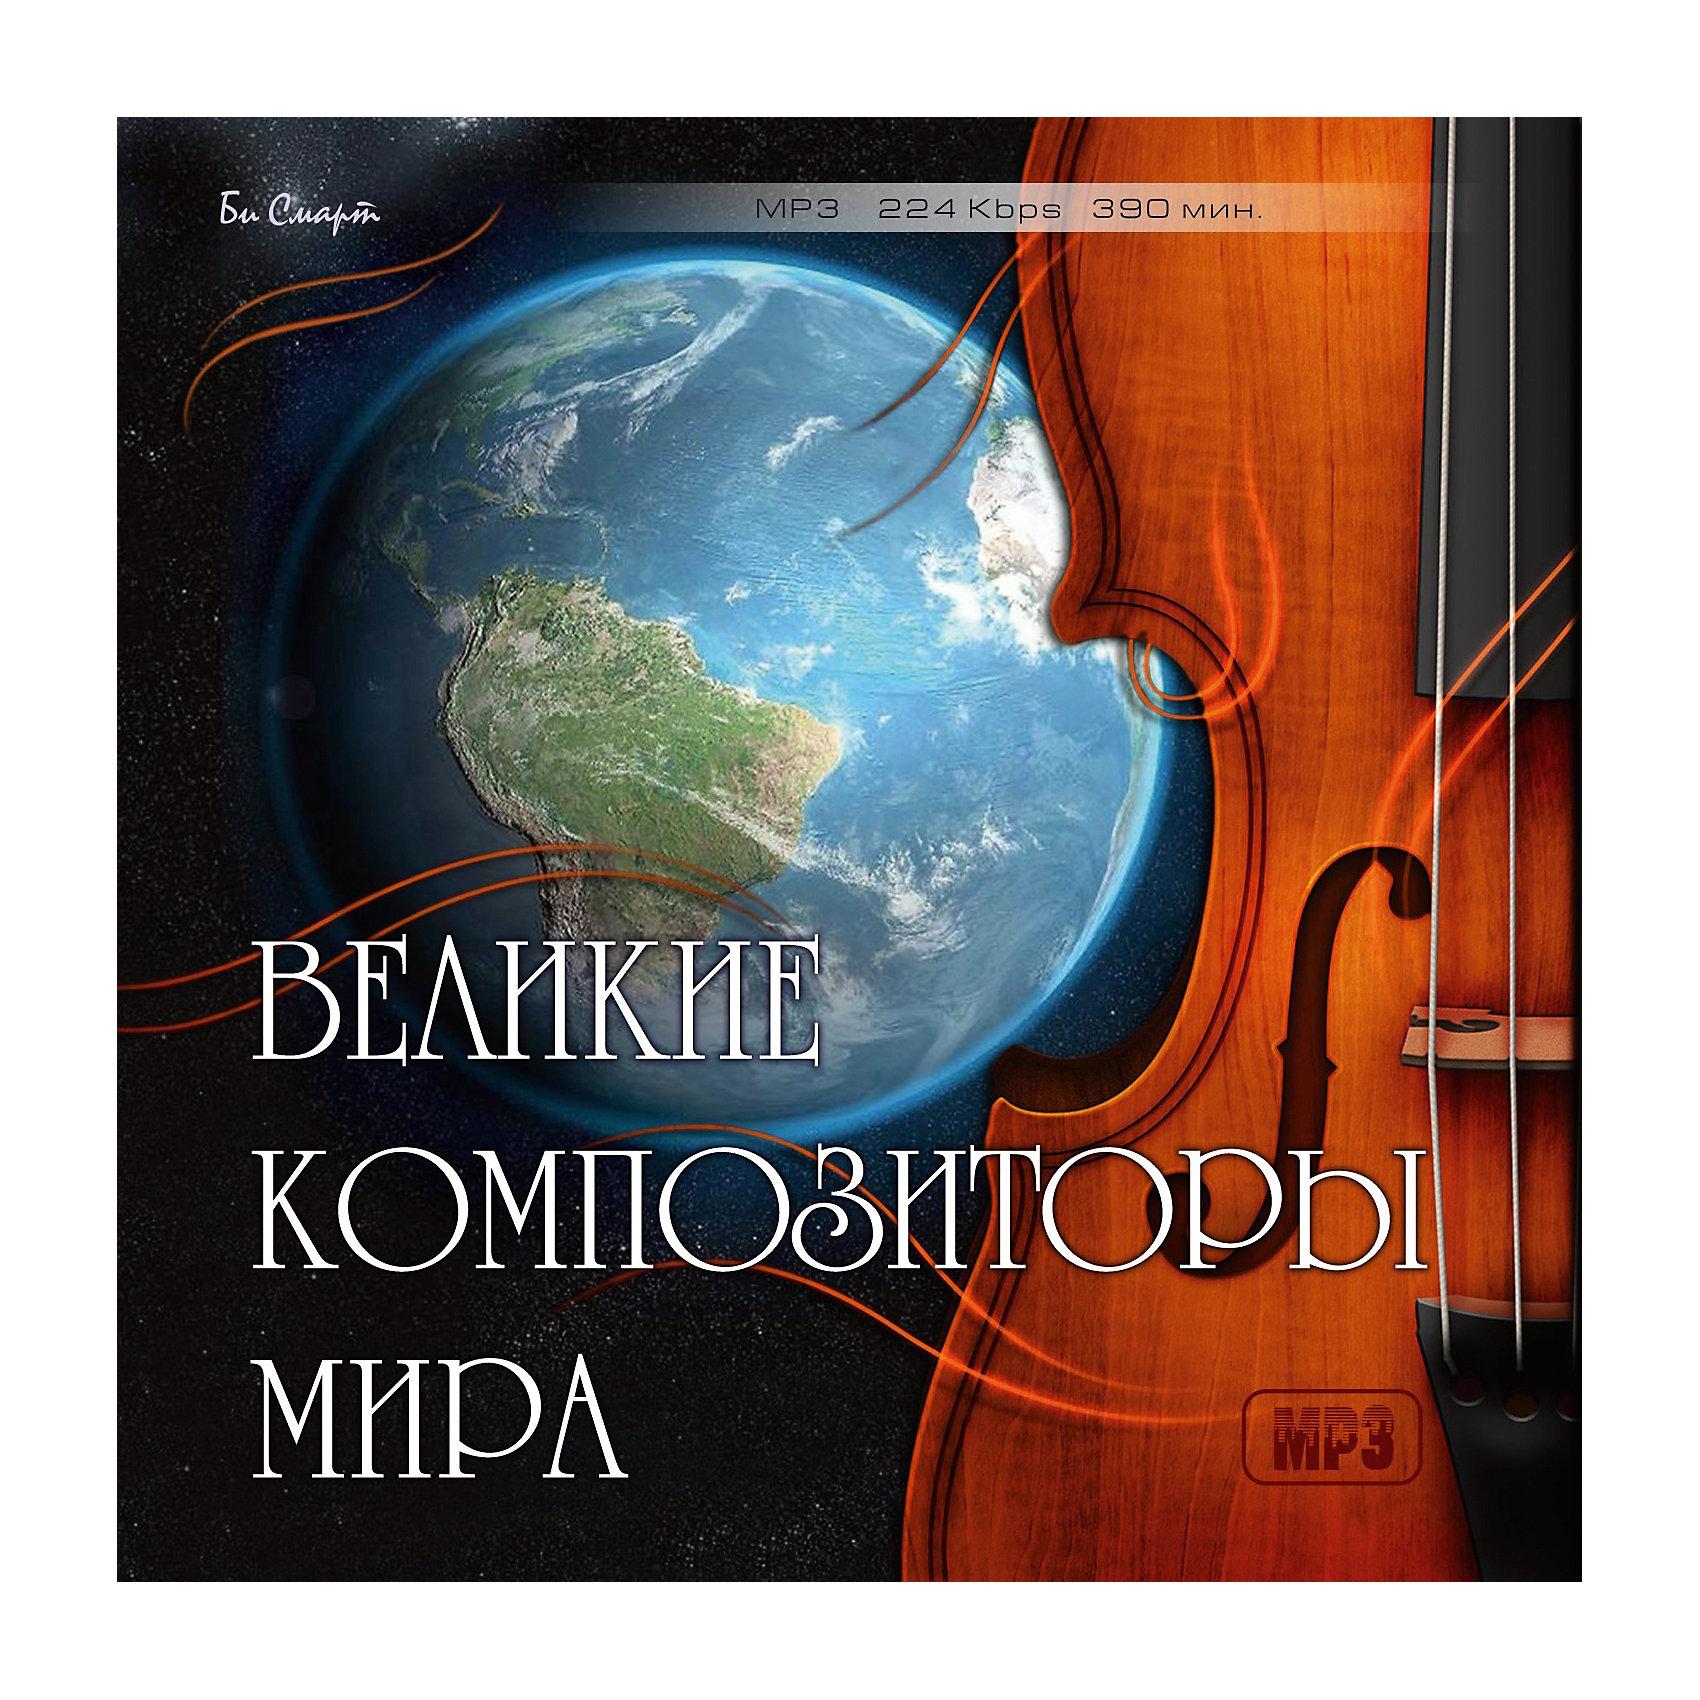 MP3 Великие композиторы мираБи Смарт<br>Характеристики товара:<br><br>• размер упаковки: 12,5х10х14,2 см;<br>• вес: 79 грамм.<br><br>MP3 «Великие композиторы мира» содержит лучшие произведения композиторов России, Австрии, Германии, Англии и Франции. Прекрасные произведения М. Глинки, Н. Римского-Корсакова, И. Баха, В. Моцарта и многих других композиторов подарят вам возможность насладиться прекрасной музыкой, которая неподвластна времени.<br><br>MP3 Великие композиторы мира  можно купить в нашем интернет-магазине.<br><br>Ширина мм: 142<br>Глубина мм: 100<br>Высота мм: 125<br>Вес г: 79<br>Возраст от месяцев: 36<br>Возраст до месяцев: 2147483647<br>Пол: Унисекс<br>Возраст: Детский<br>SKU: 5614915